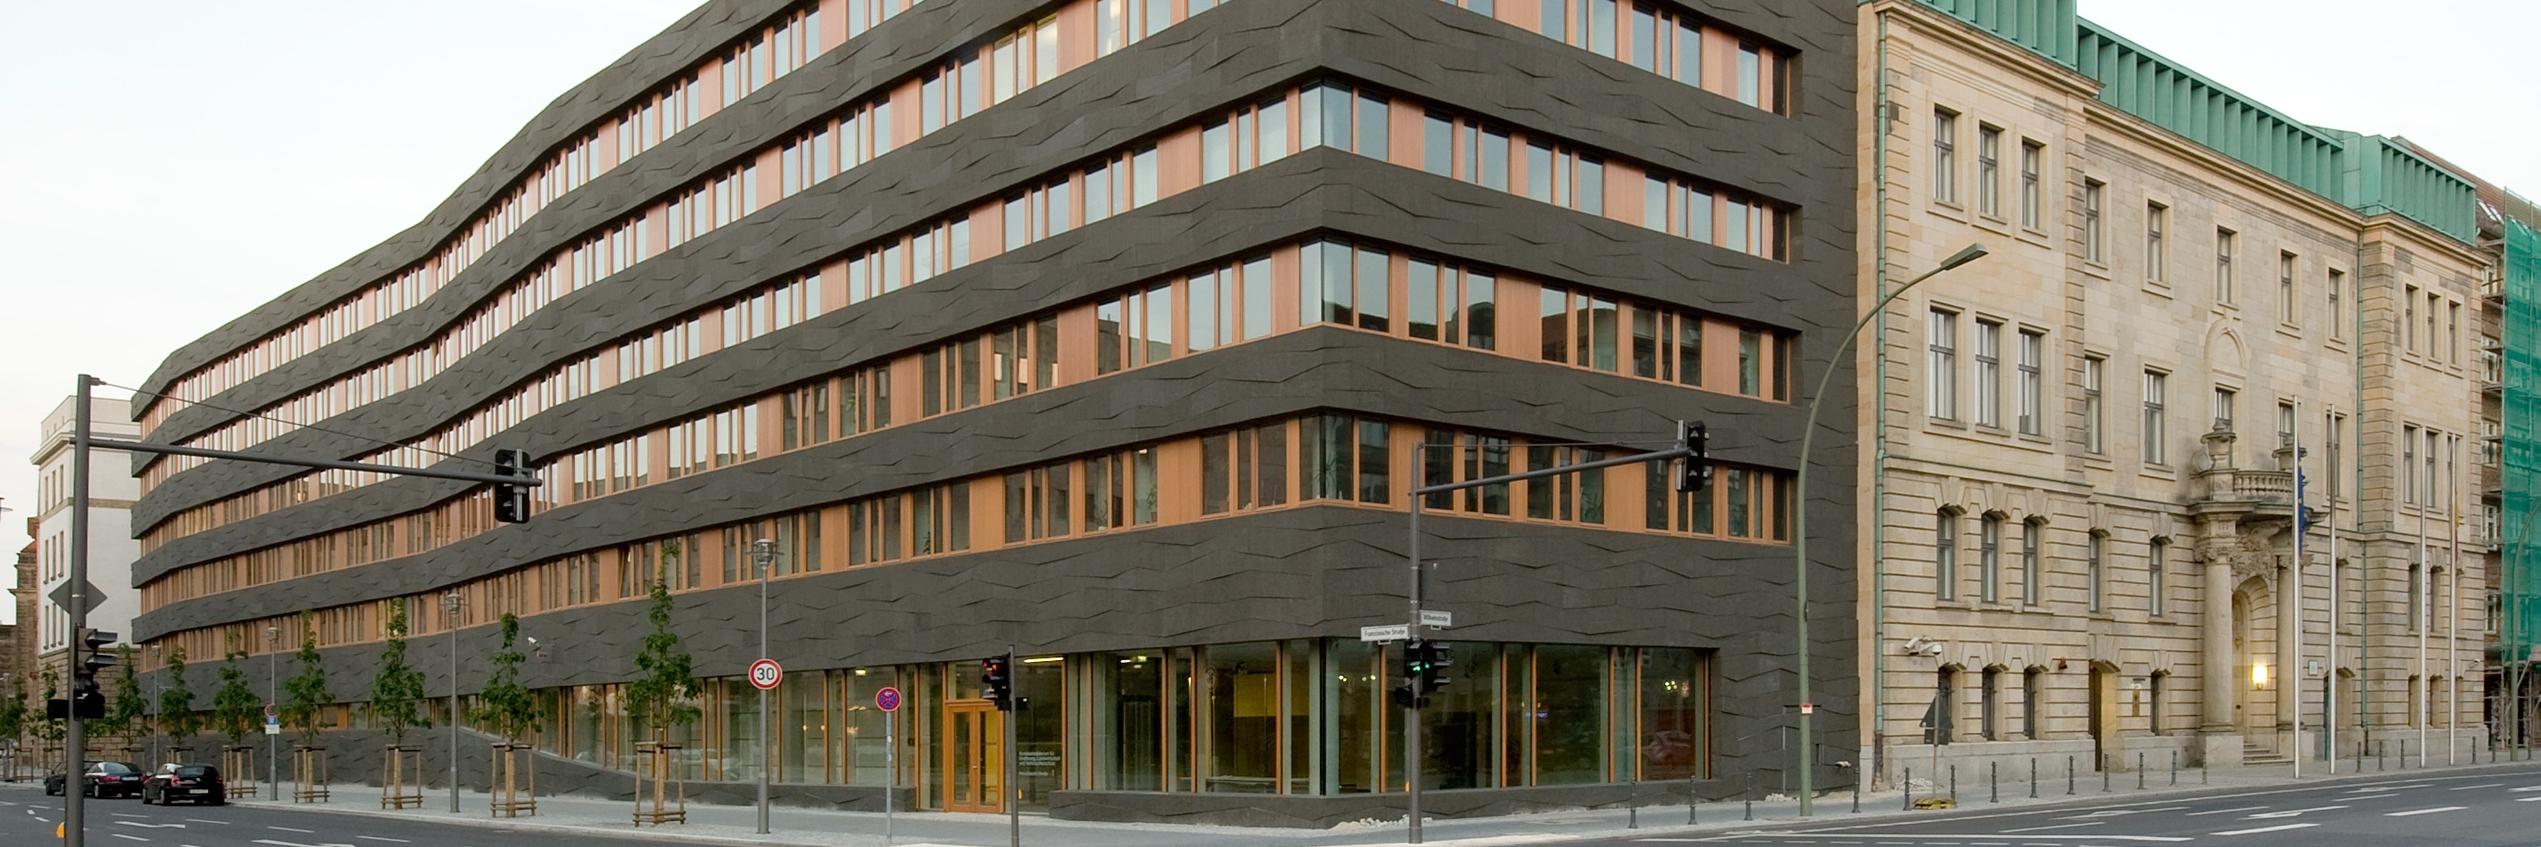 Gebäudeansicht des BMEL in Berlin